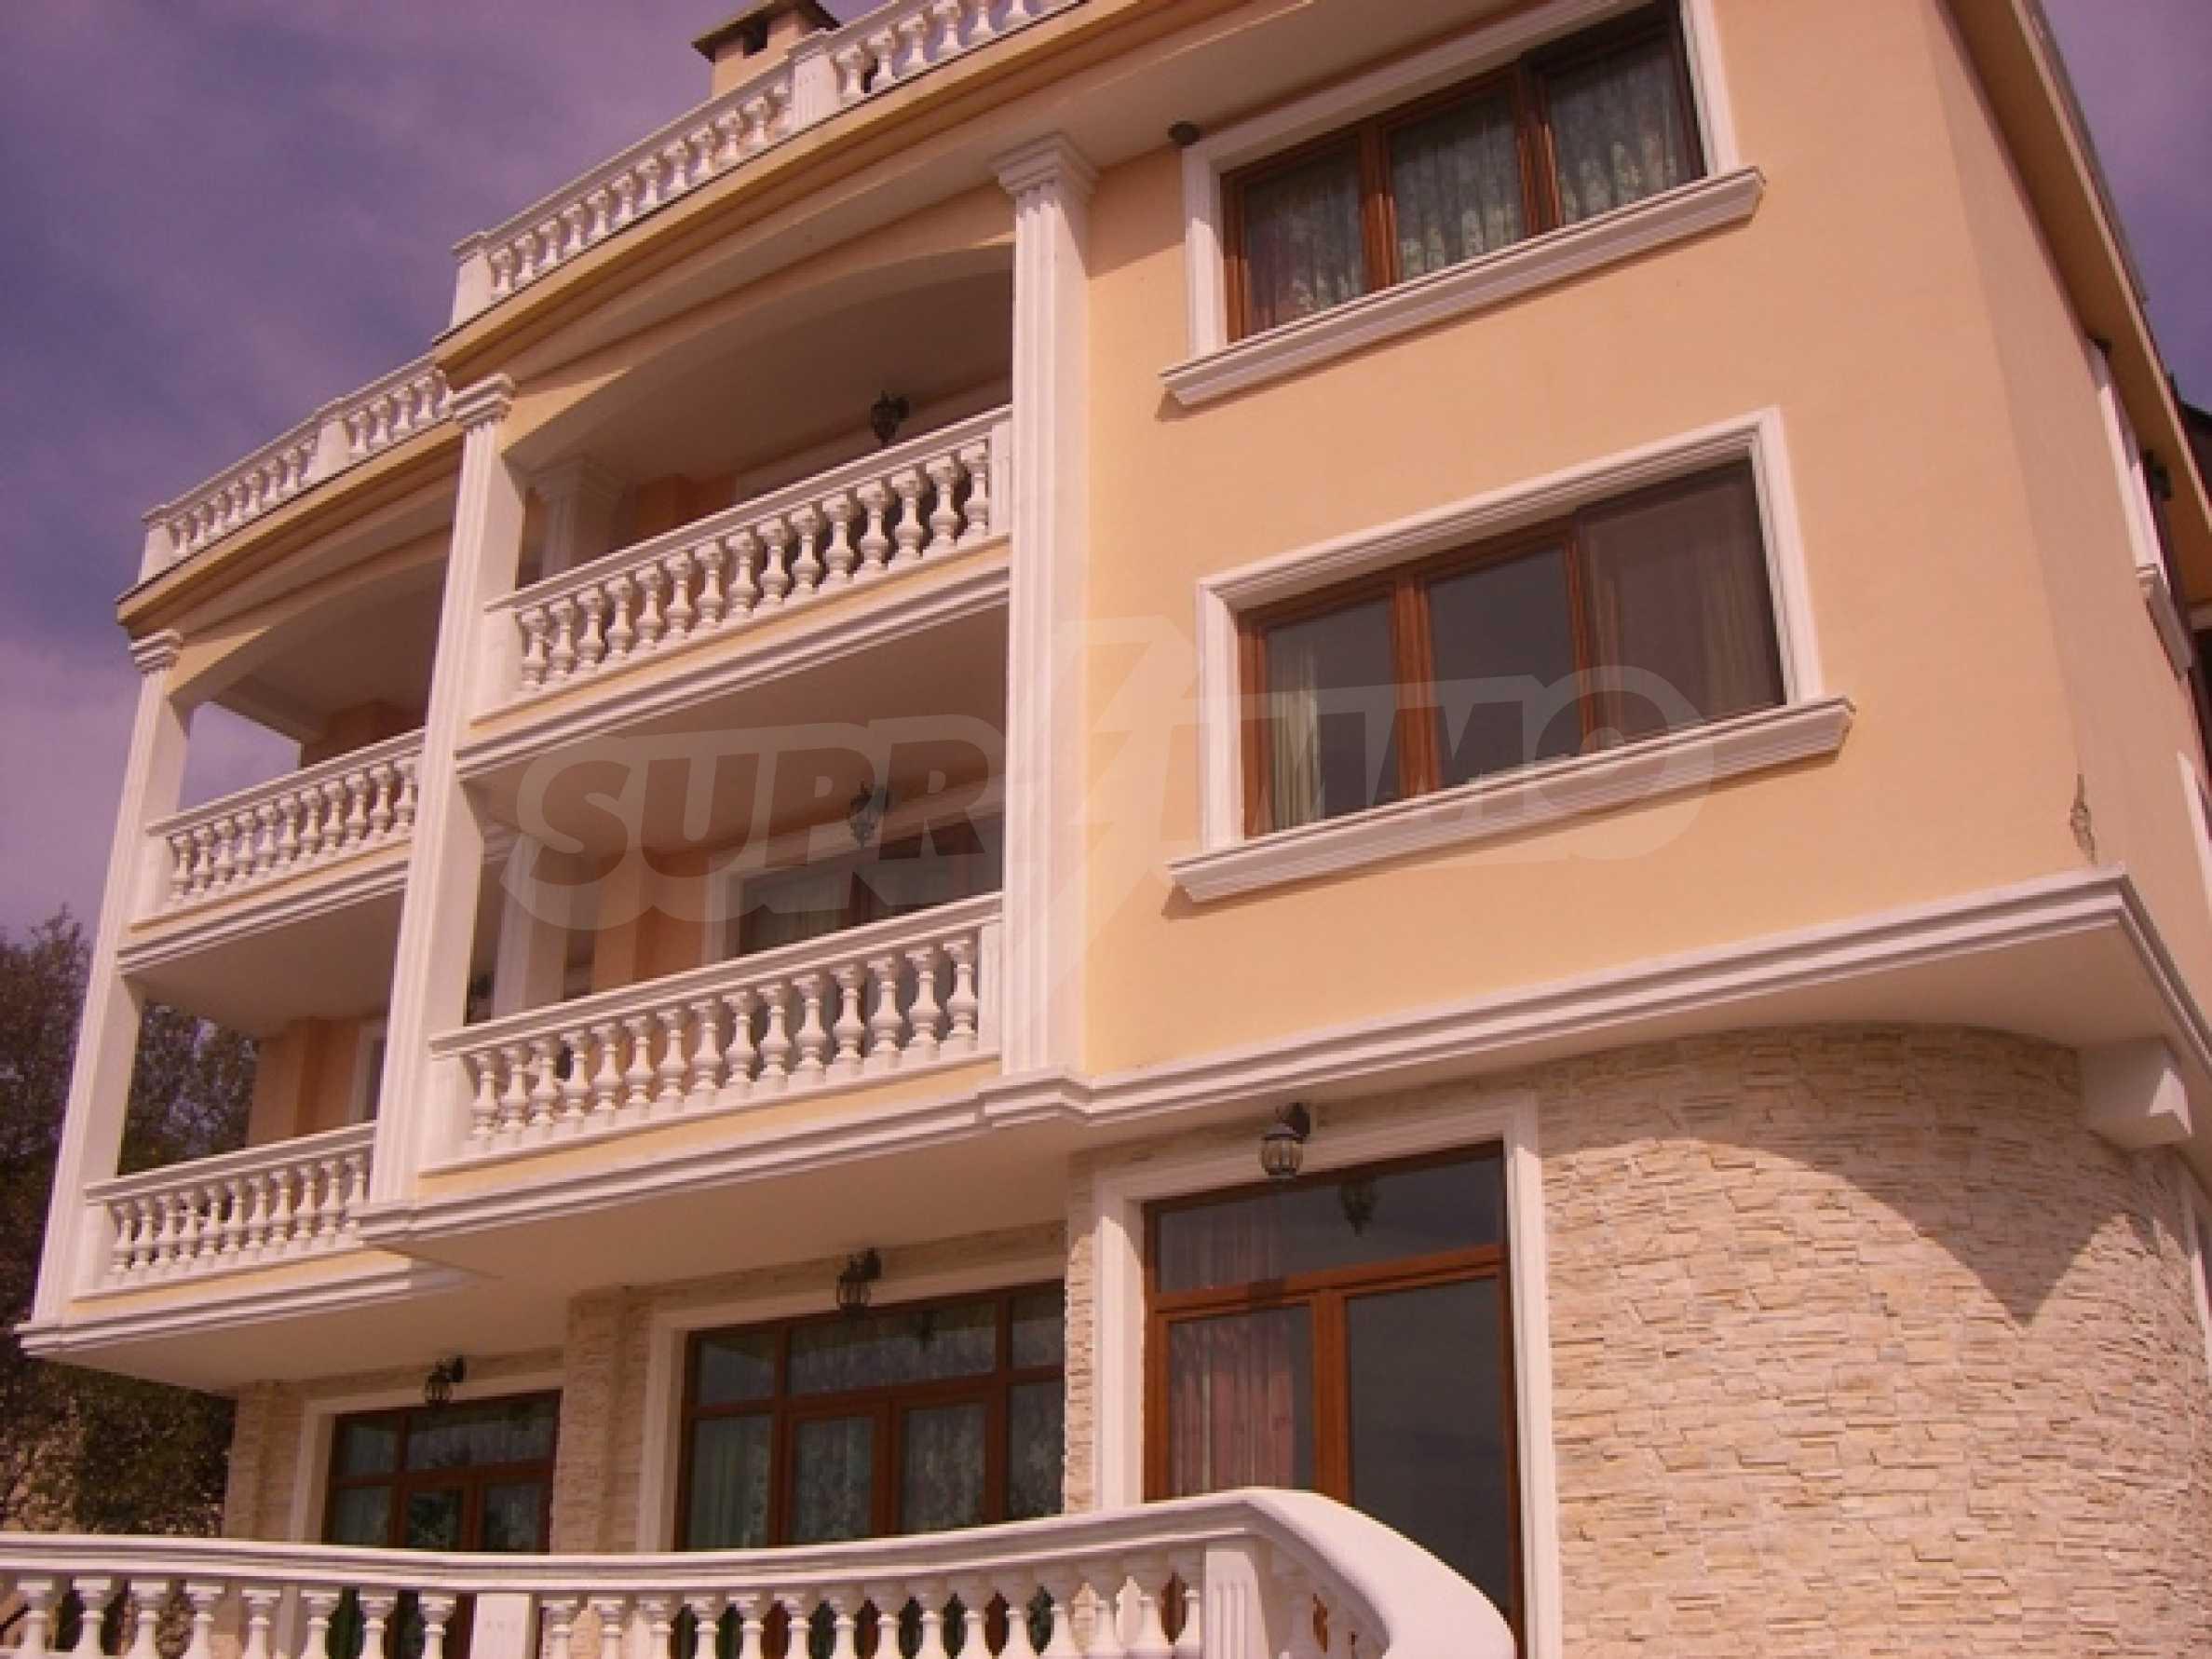 Residenz bulgarischen Traumhaus 1